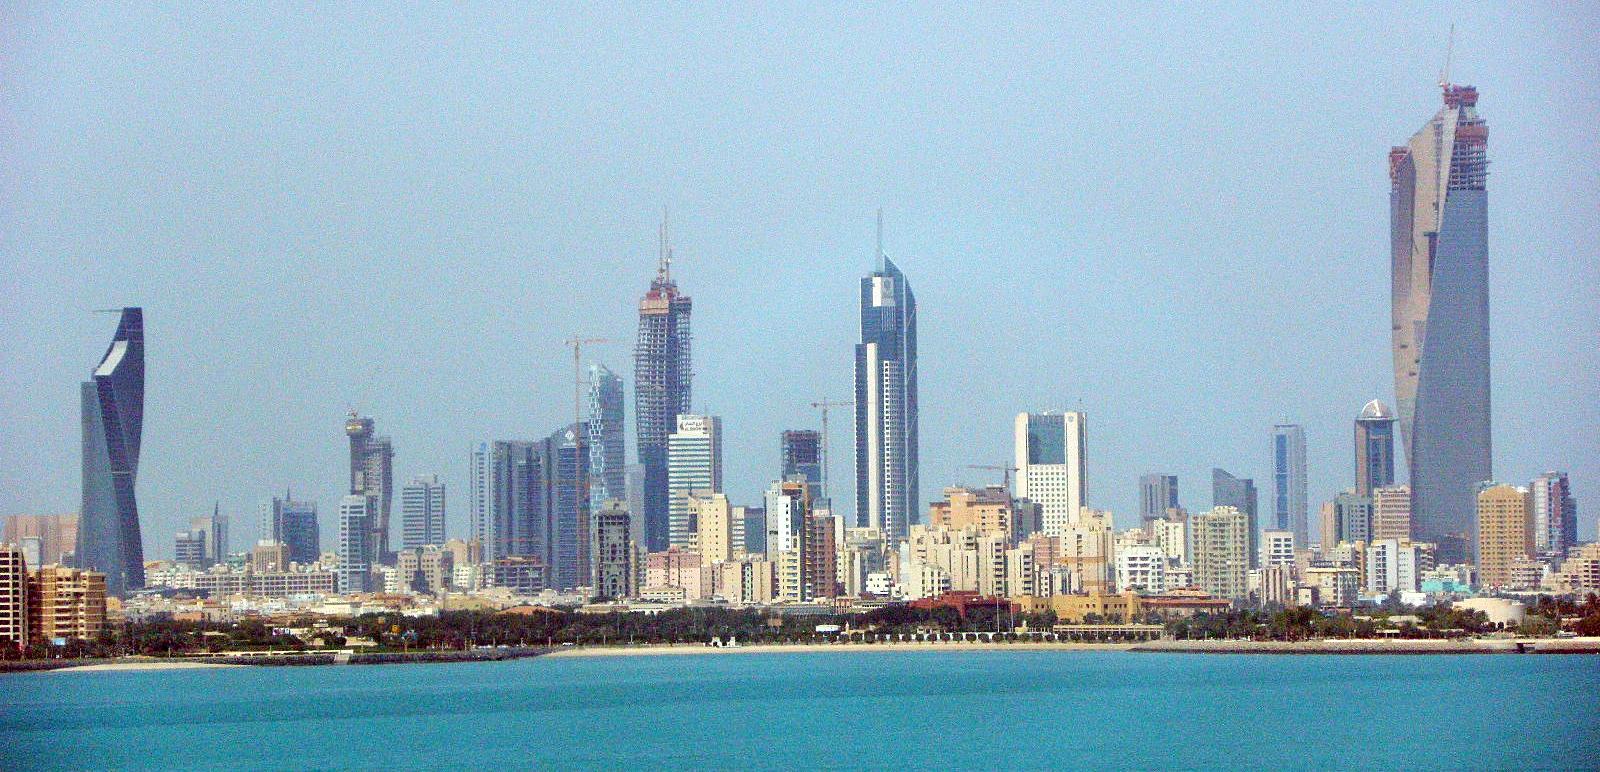 クウェートの観光名所を紹介!中東で人気の近代都市を満喫しよう!